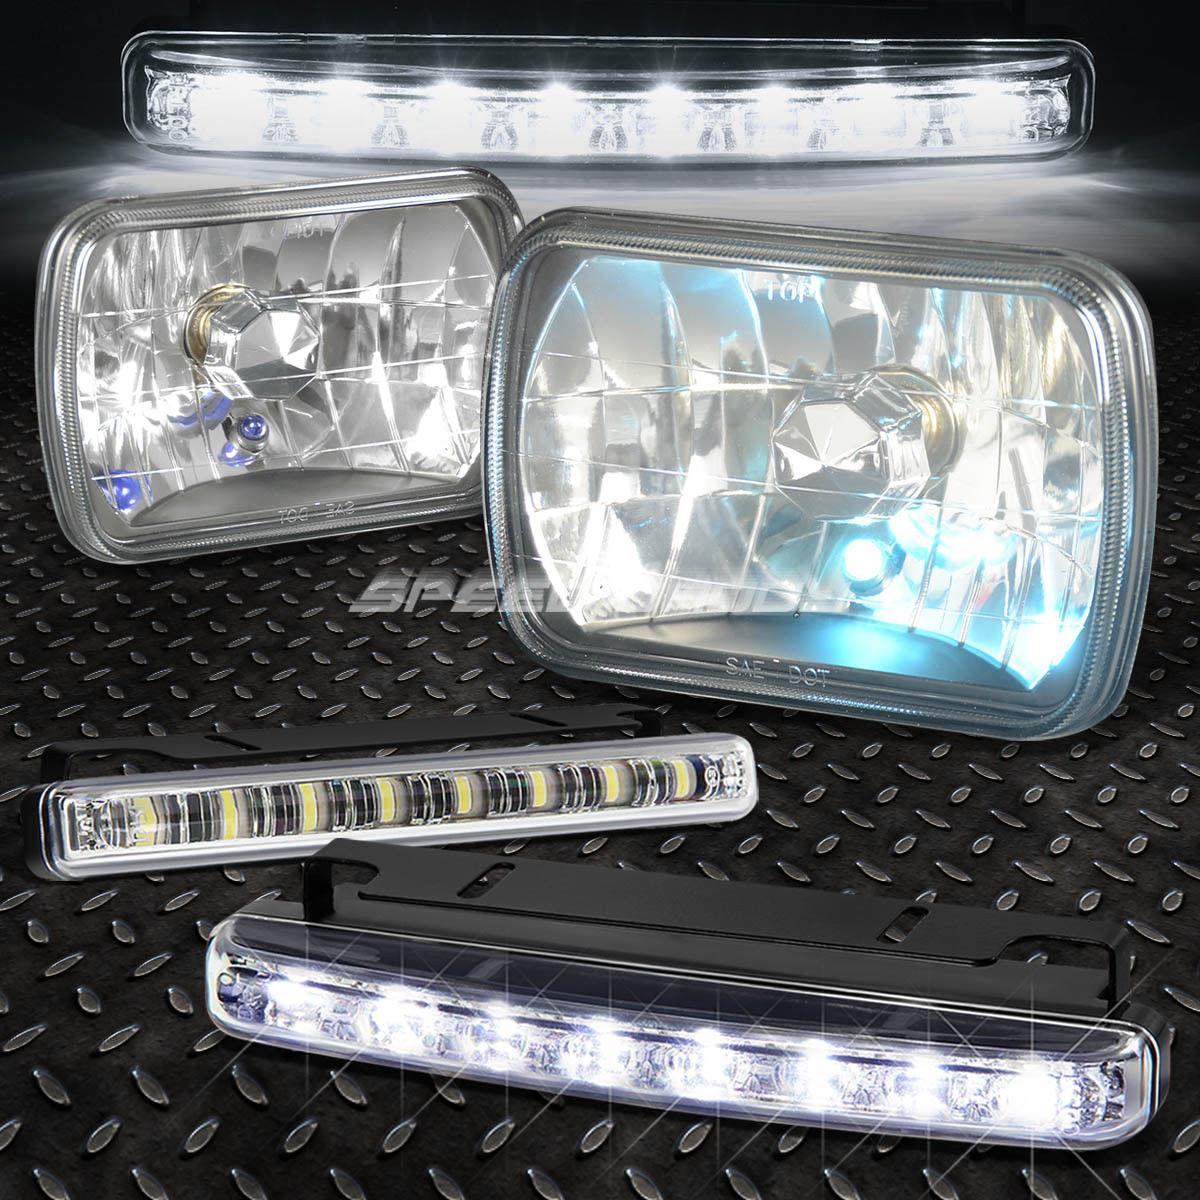 フォグライト 7x6 H6014 DIAMOND CUT SQUARE BLACK CRYSTAL SEMI-SEALED HEAD LIGHT+BULB+LED FOG 7x6 H6014ダイヤモンドカットスクエアブラッククリスタルセミシールヘッドライト+ BULB + LED FOG